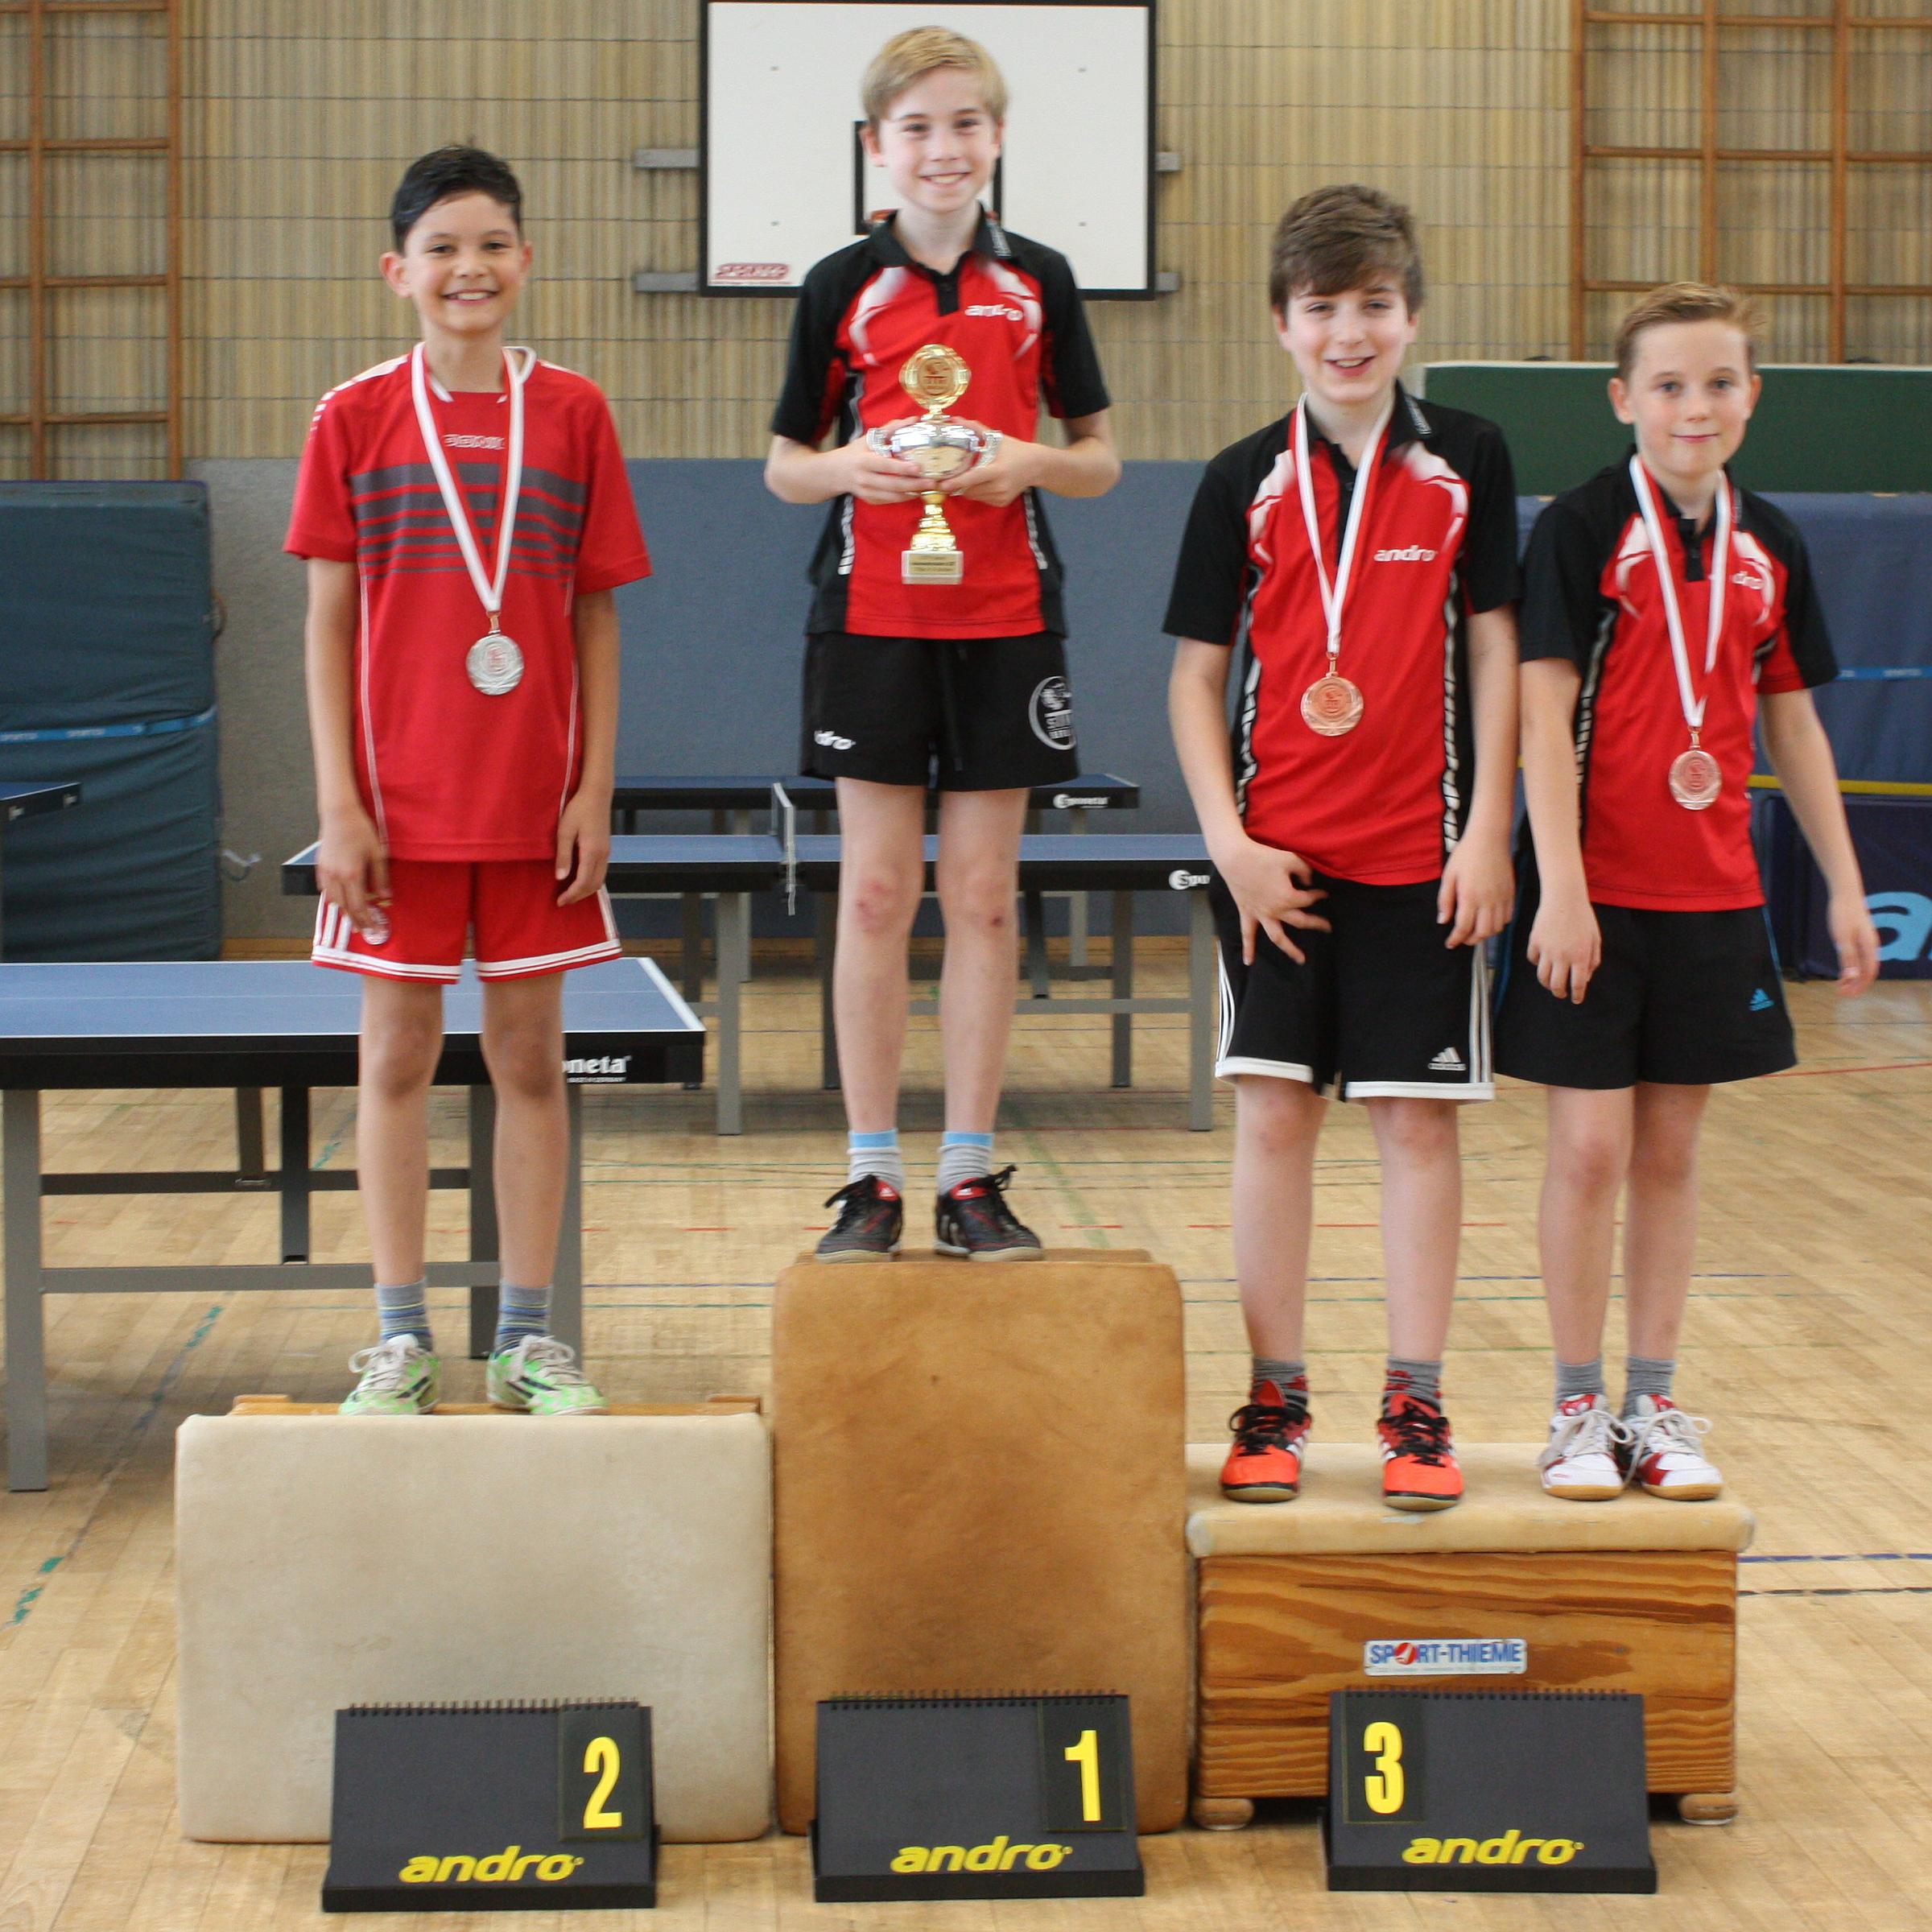 Siegerehrung B-Schüler: 1. Platz: Felix, 2. Platz: Raden, 3. Plätze: Timo, Michel